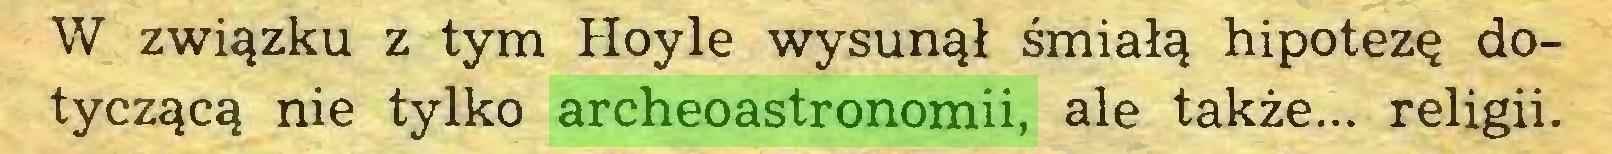 (...) W związku z tym Hoyle wysunął śmiałą hipotezę dotyczącą nie tylko archeoastronomii, ale także... religii...